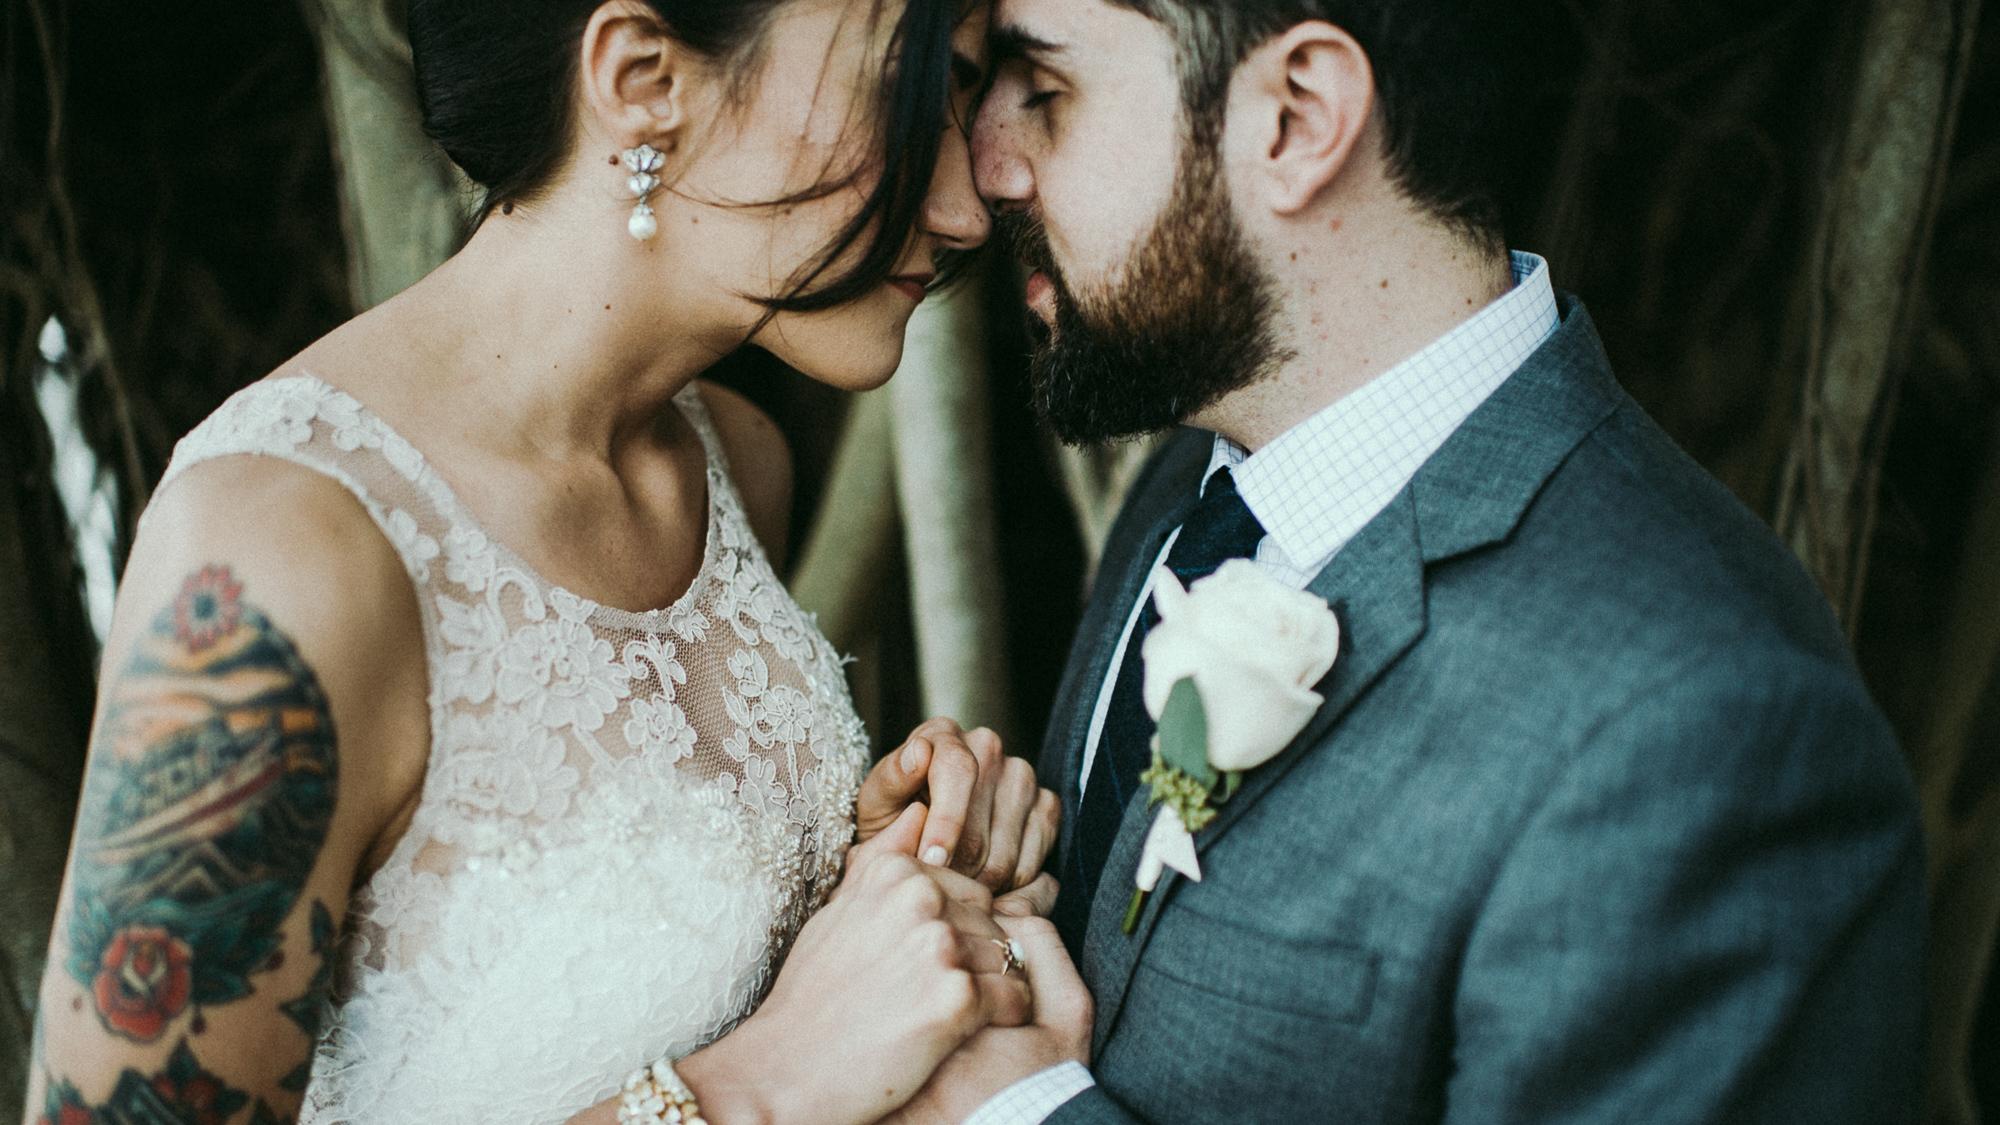 gian-carlo-photography-weddings-10.jpg